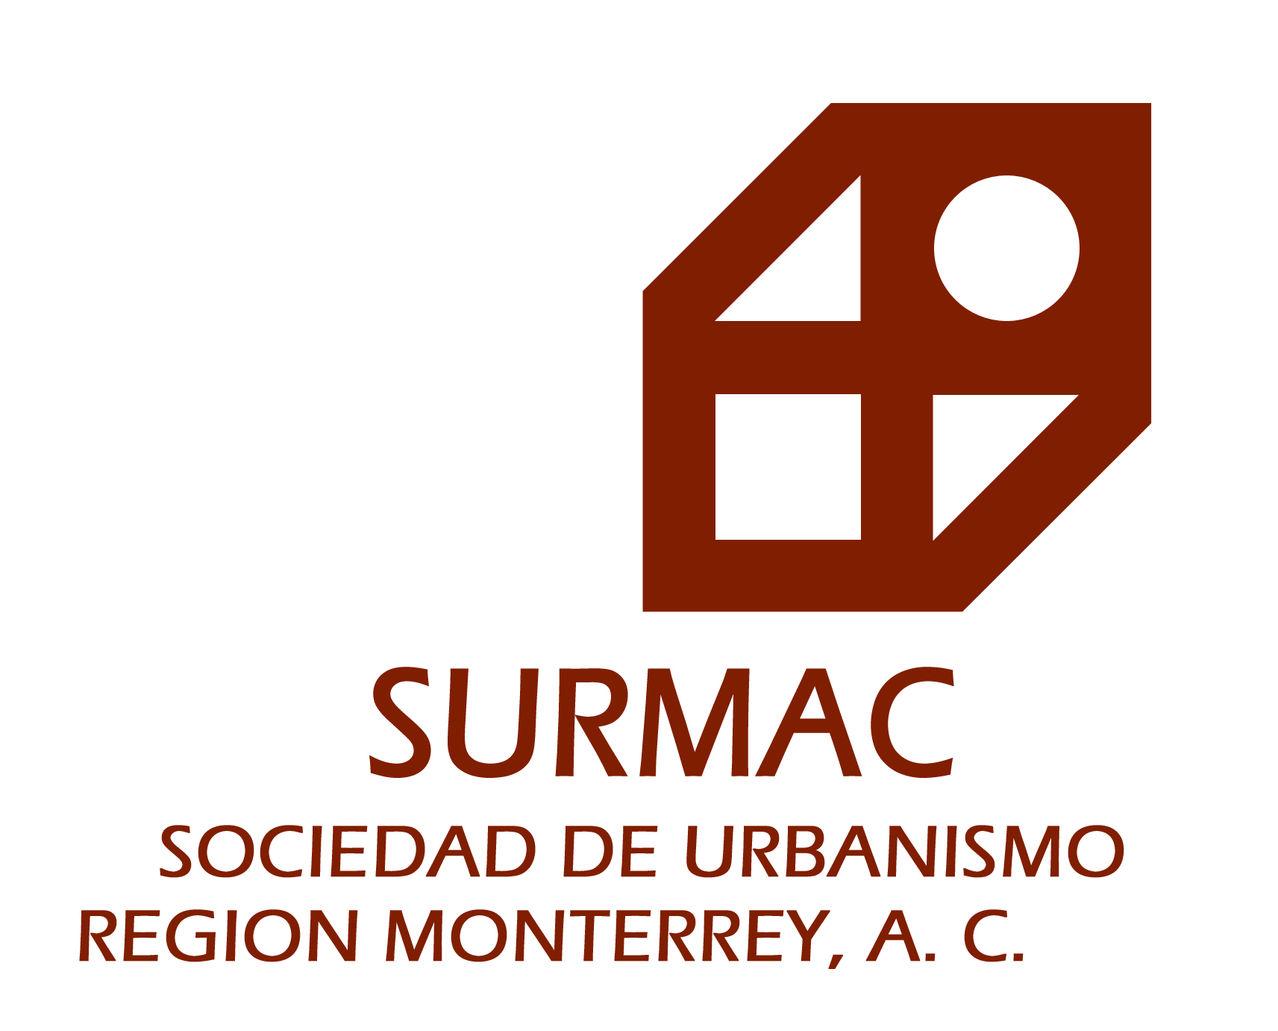 Sociedad de urbanismo